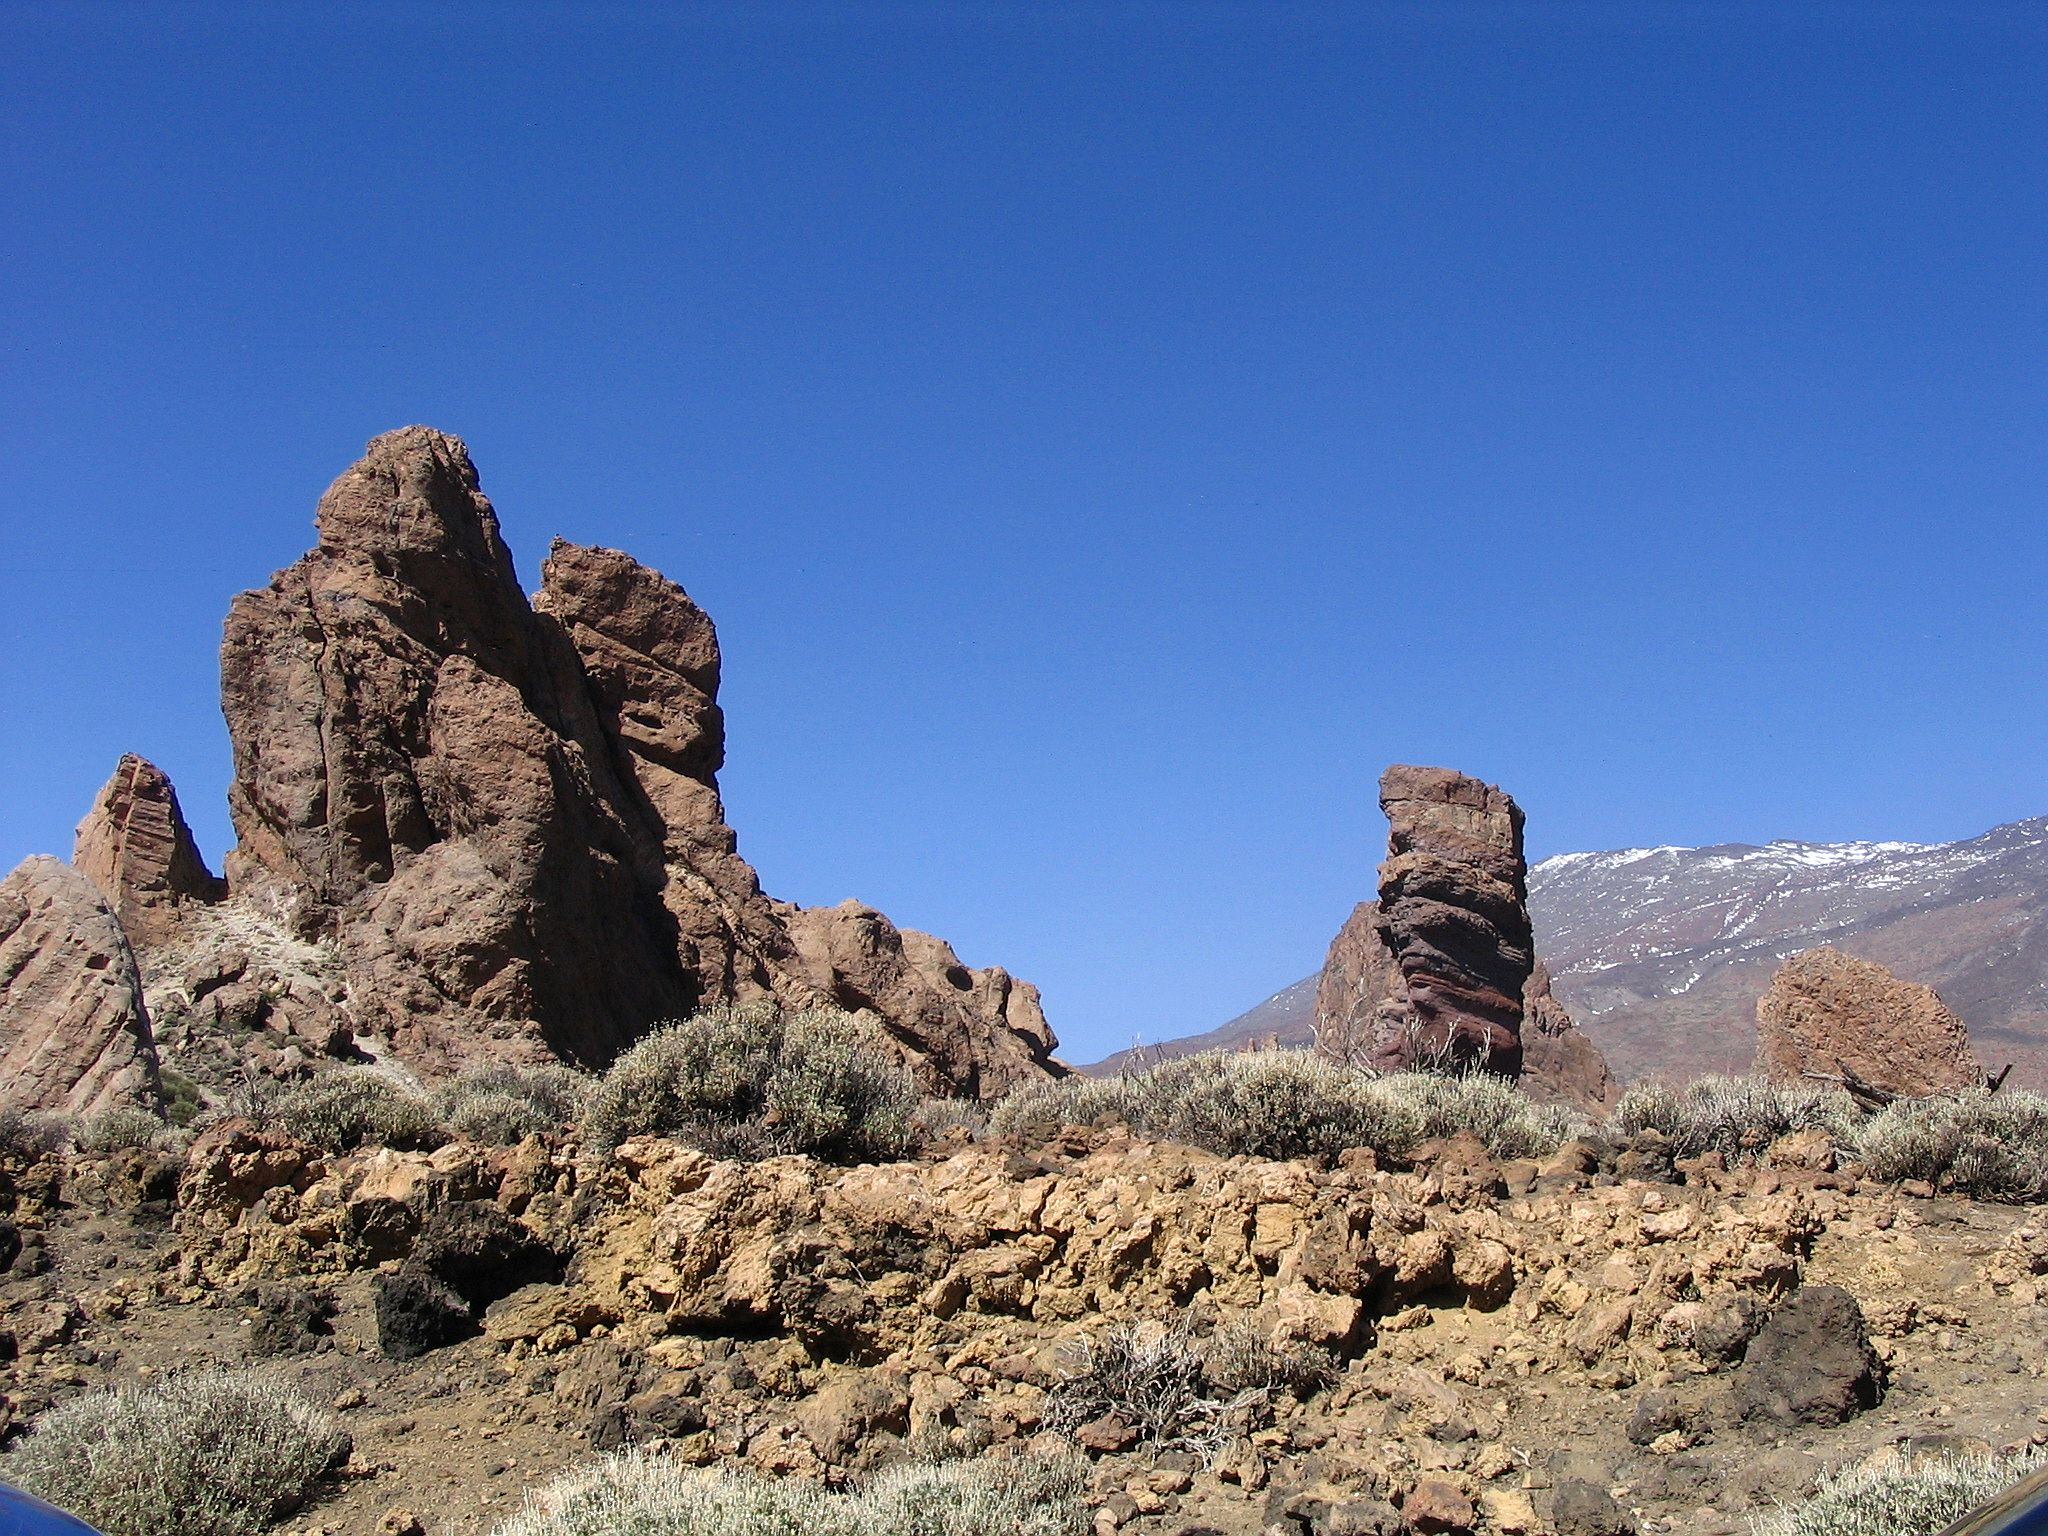 Rocky landscape photo